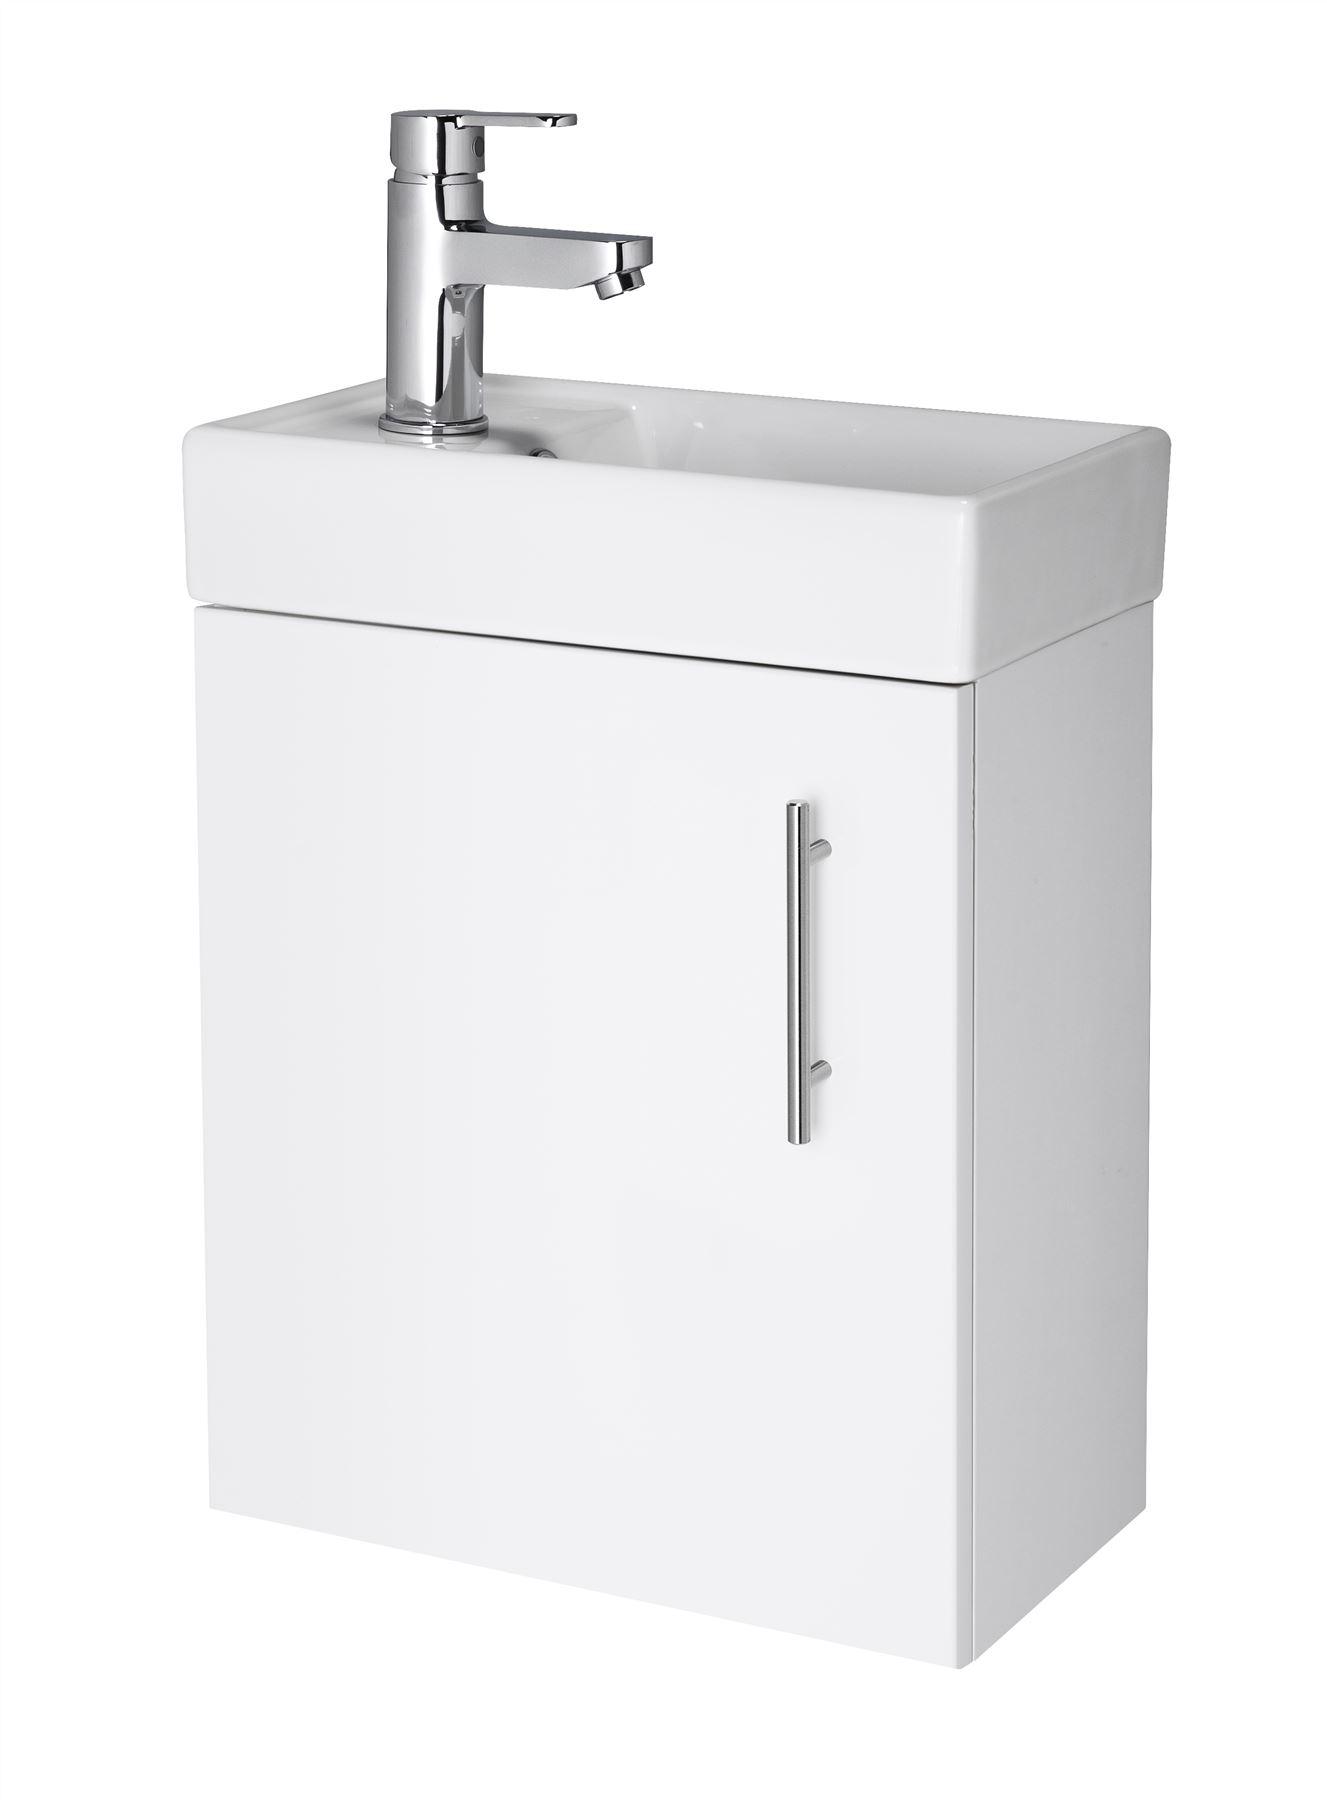 ... Bathroom Cloakroom Vanity Unit & Basin Sink Floor & Wall Hung eBay